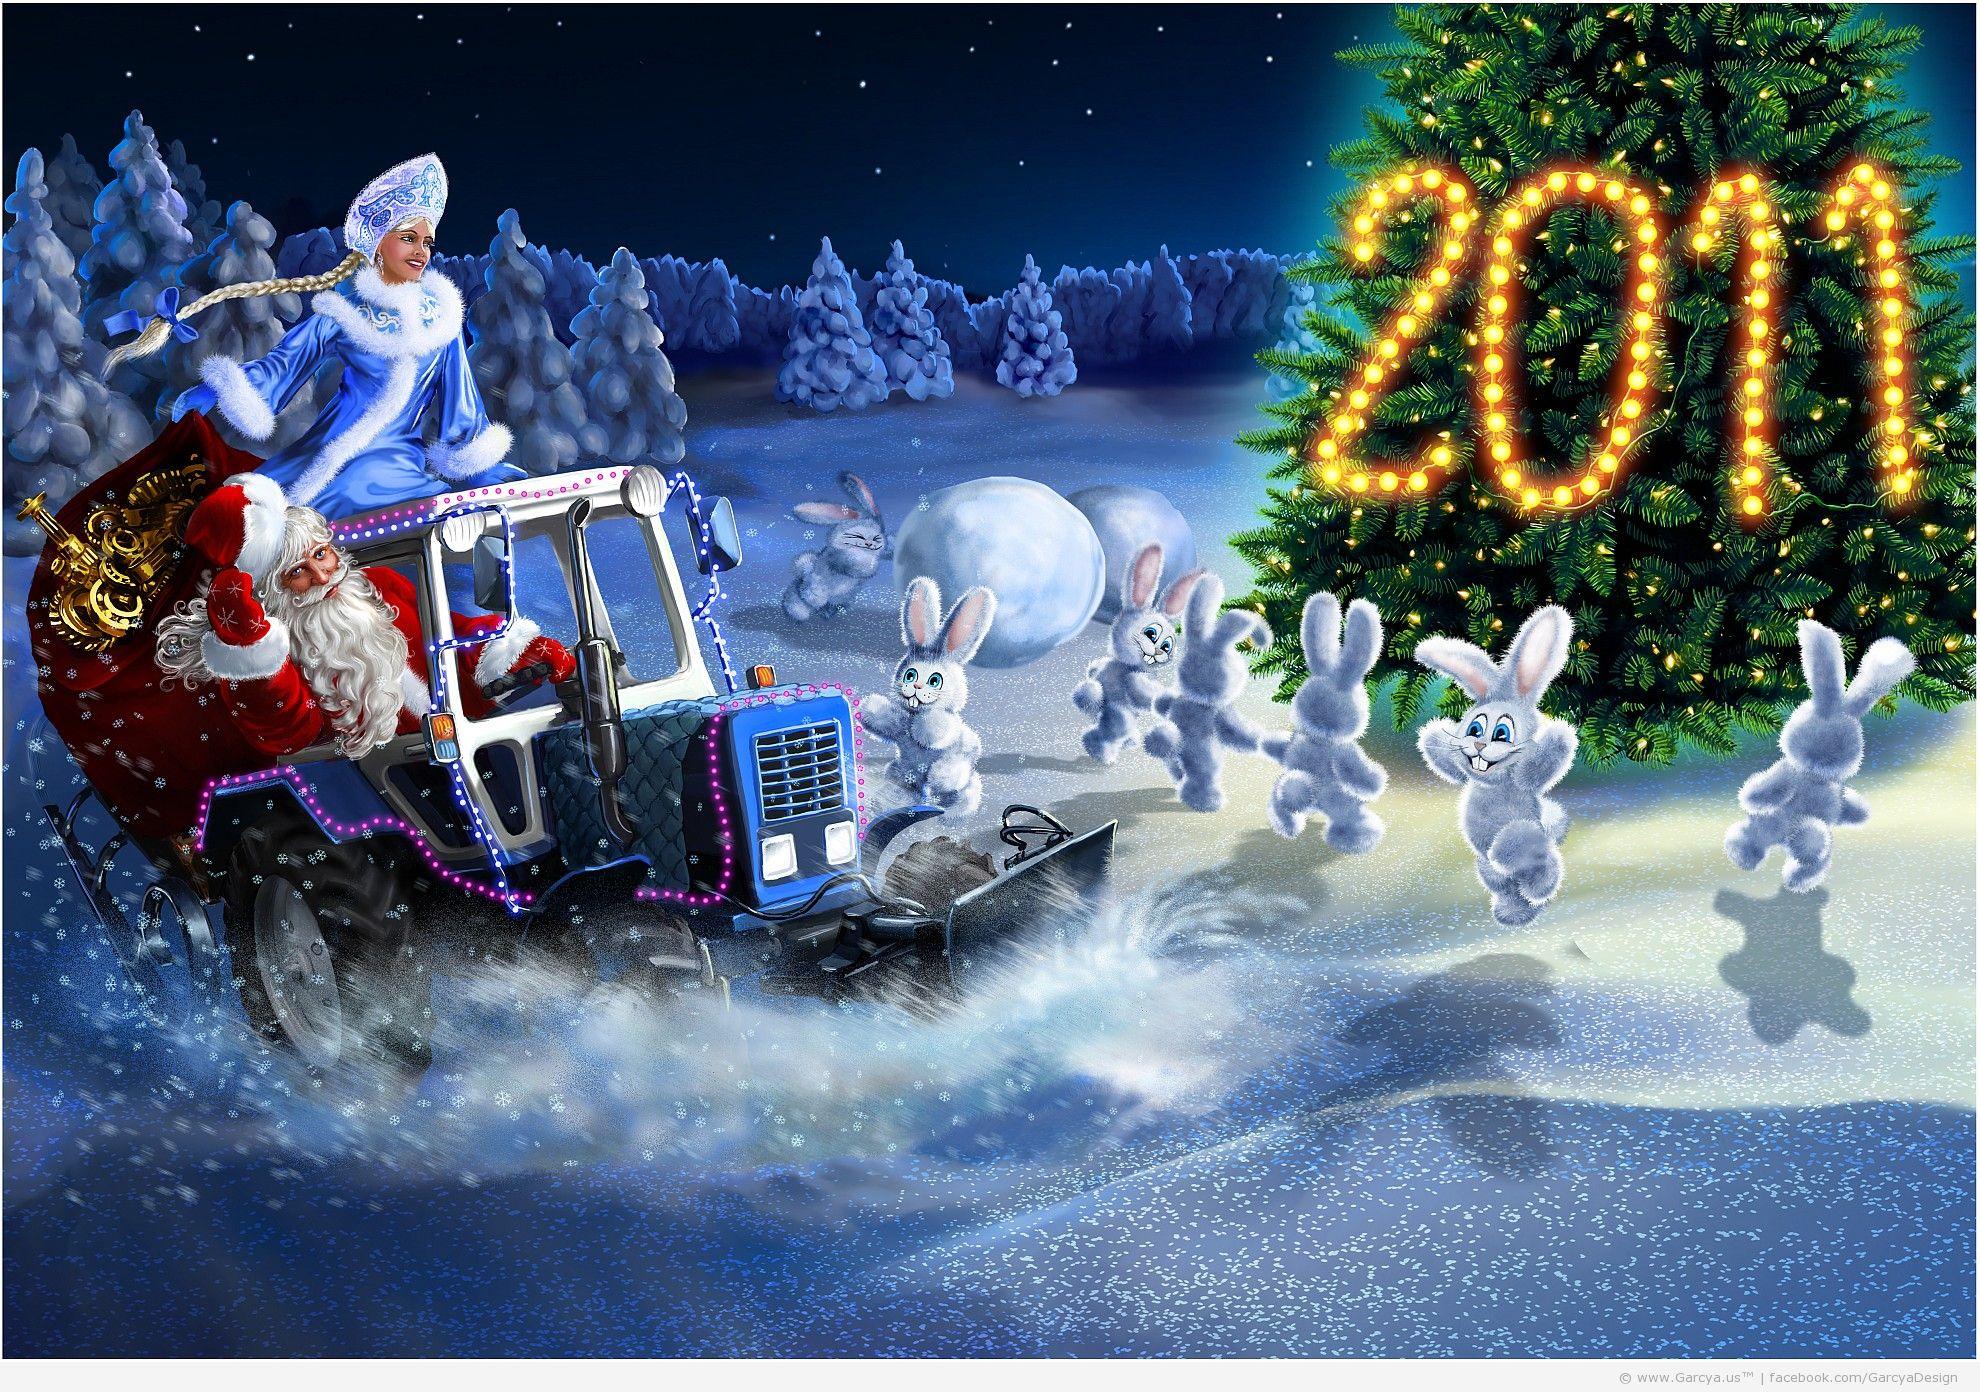 Ические открытки с новым годом для него, юбилеем поздравить